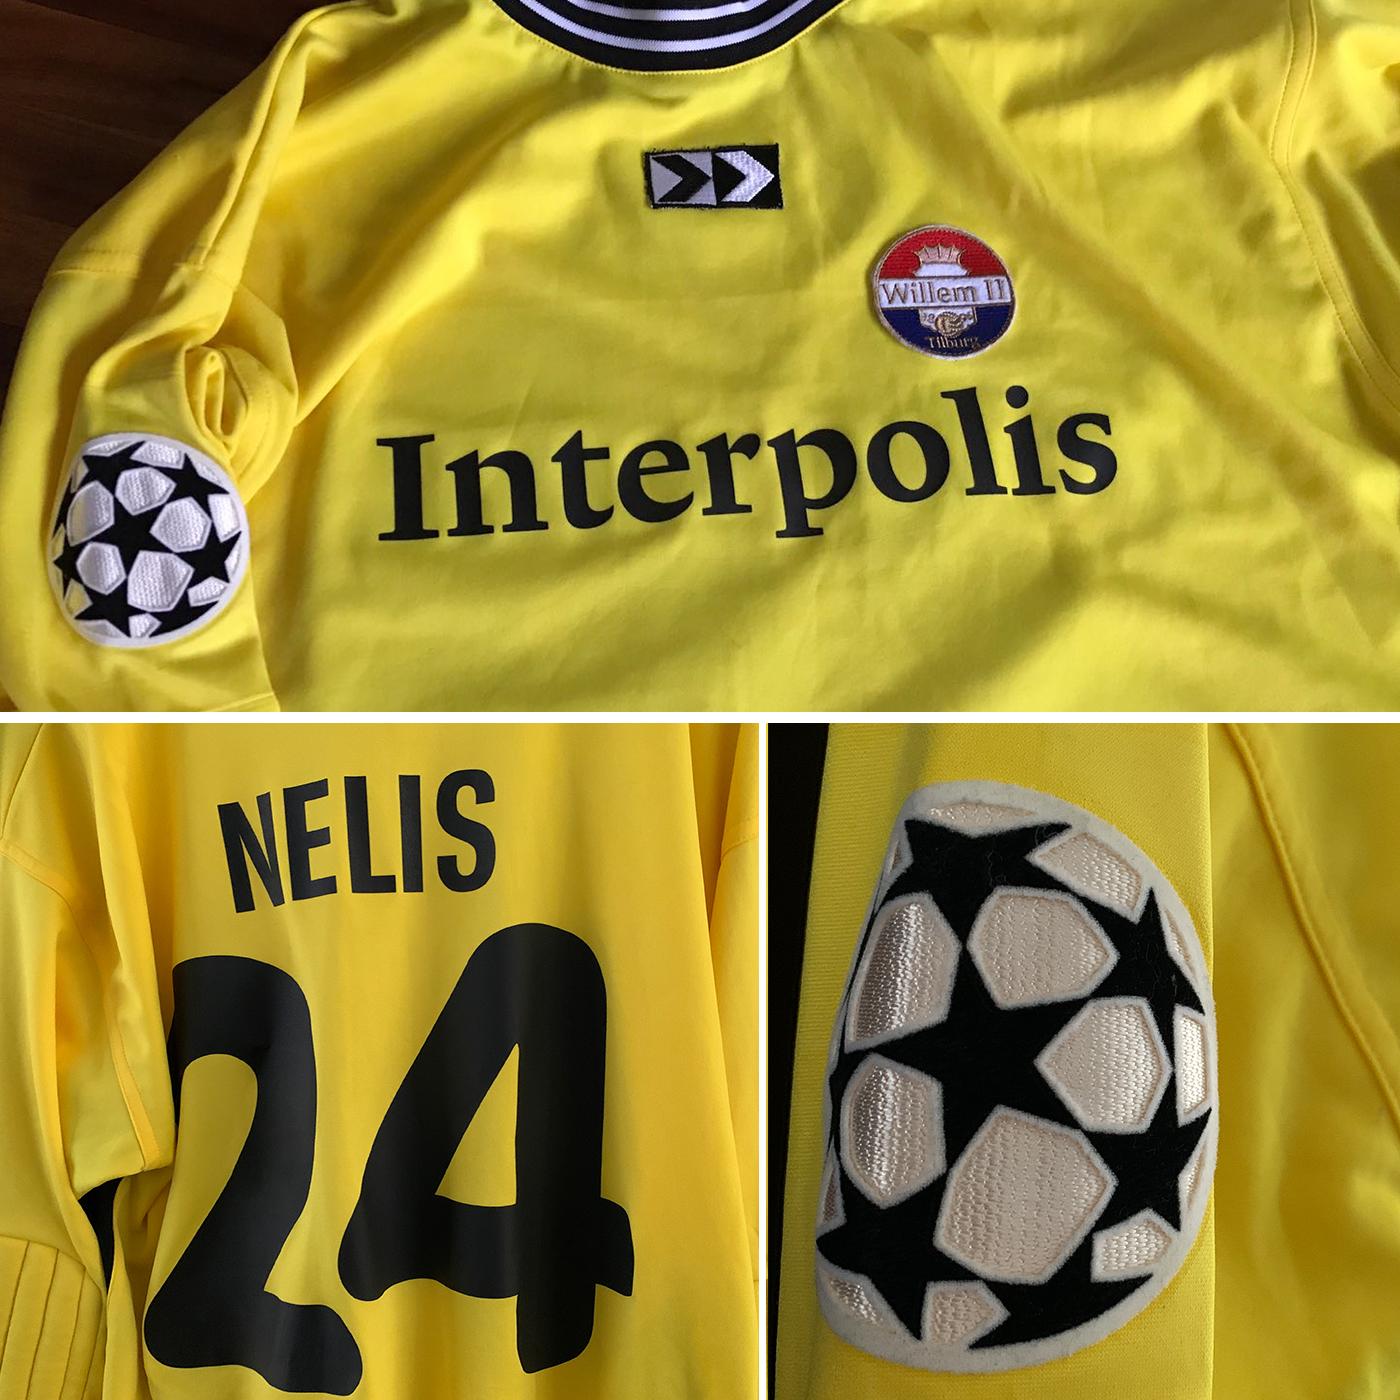 S01 E10 - Het Champions League-shirt van reservedoelman Casper Nelis